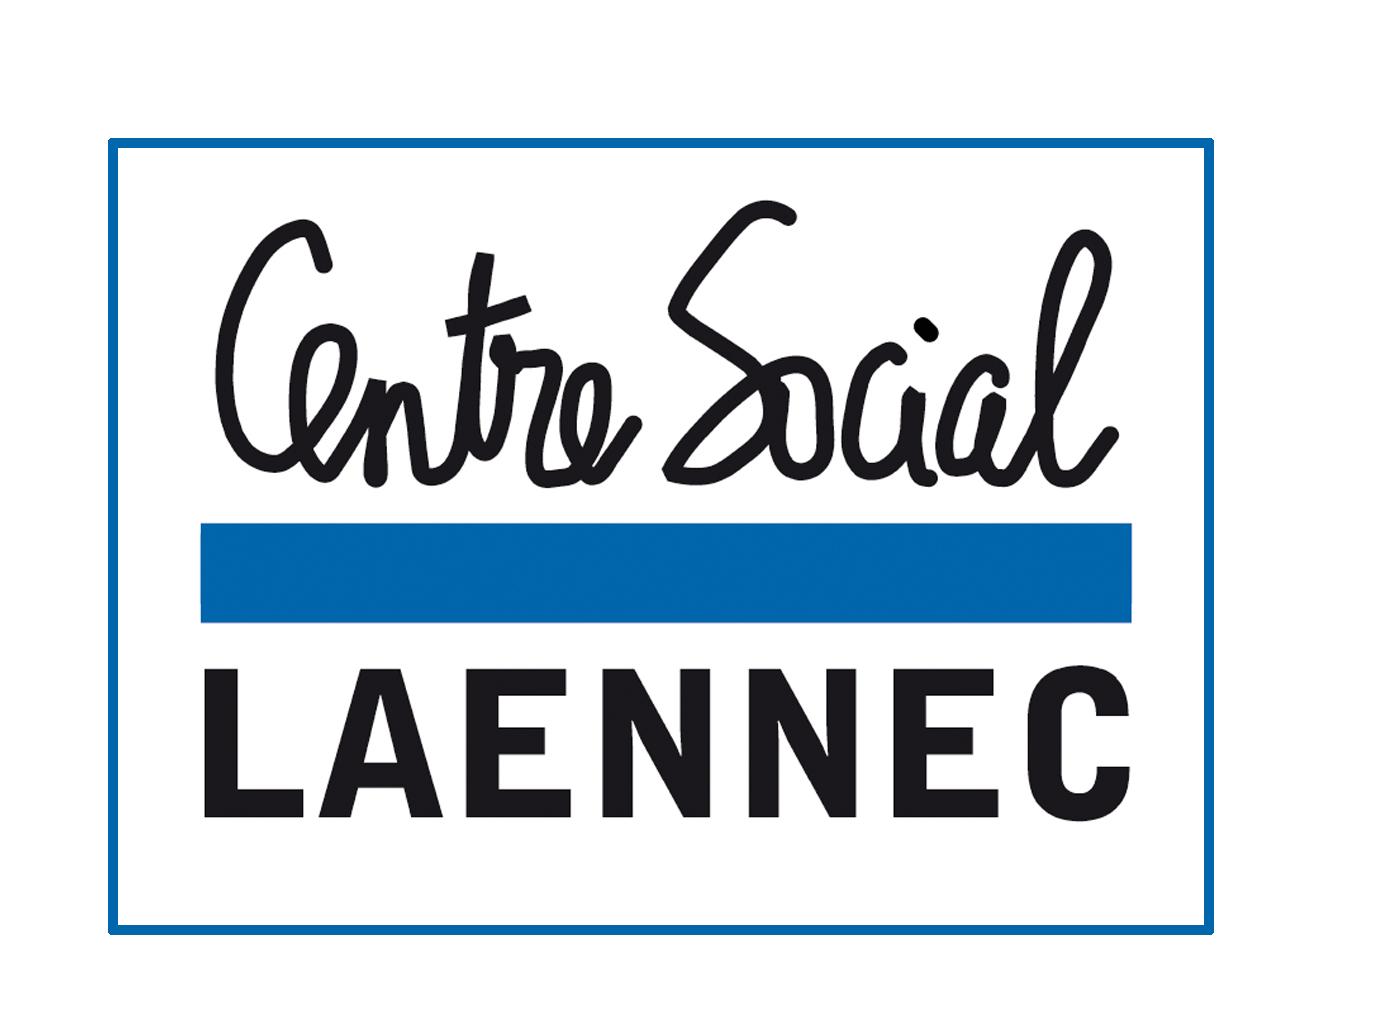 Fiches d inscription centre social la nnec - Centre social laennec ...